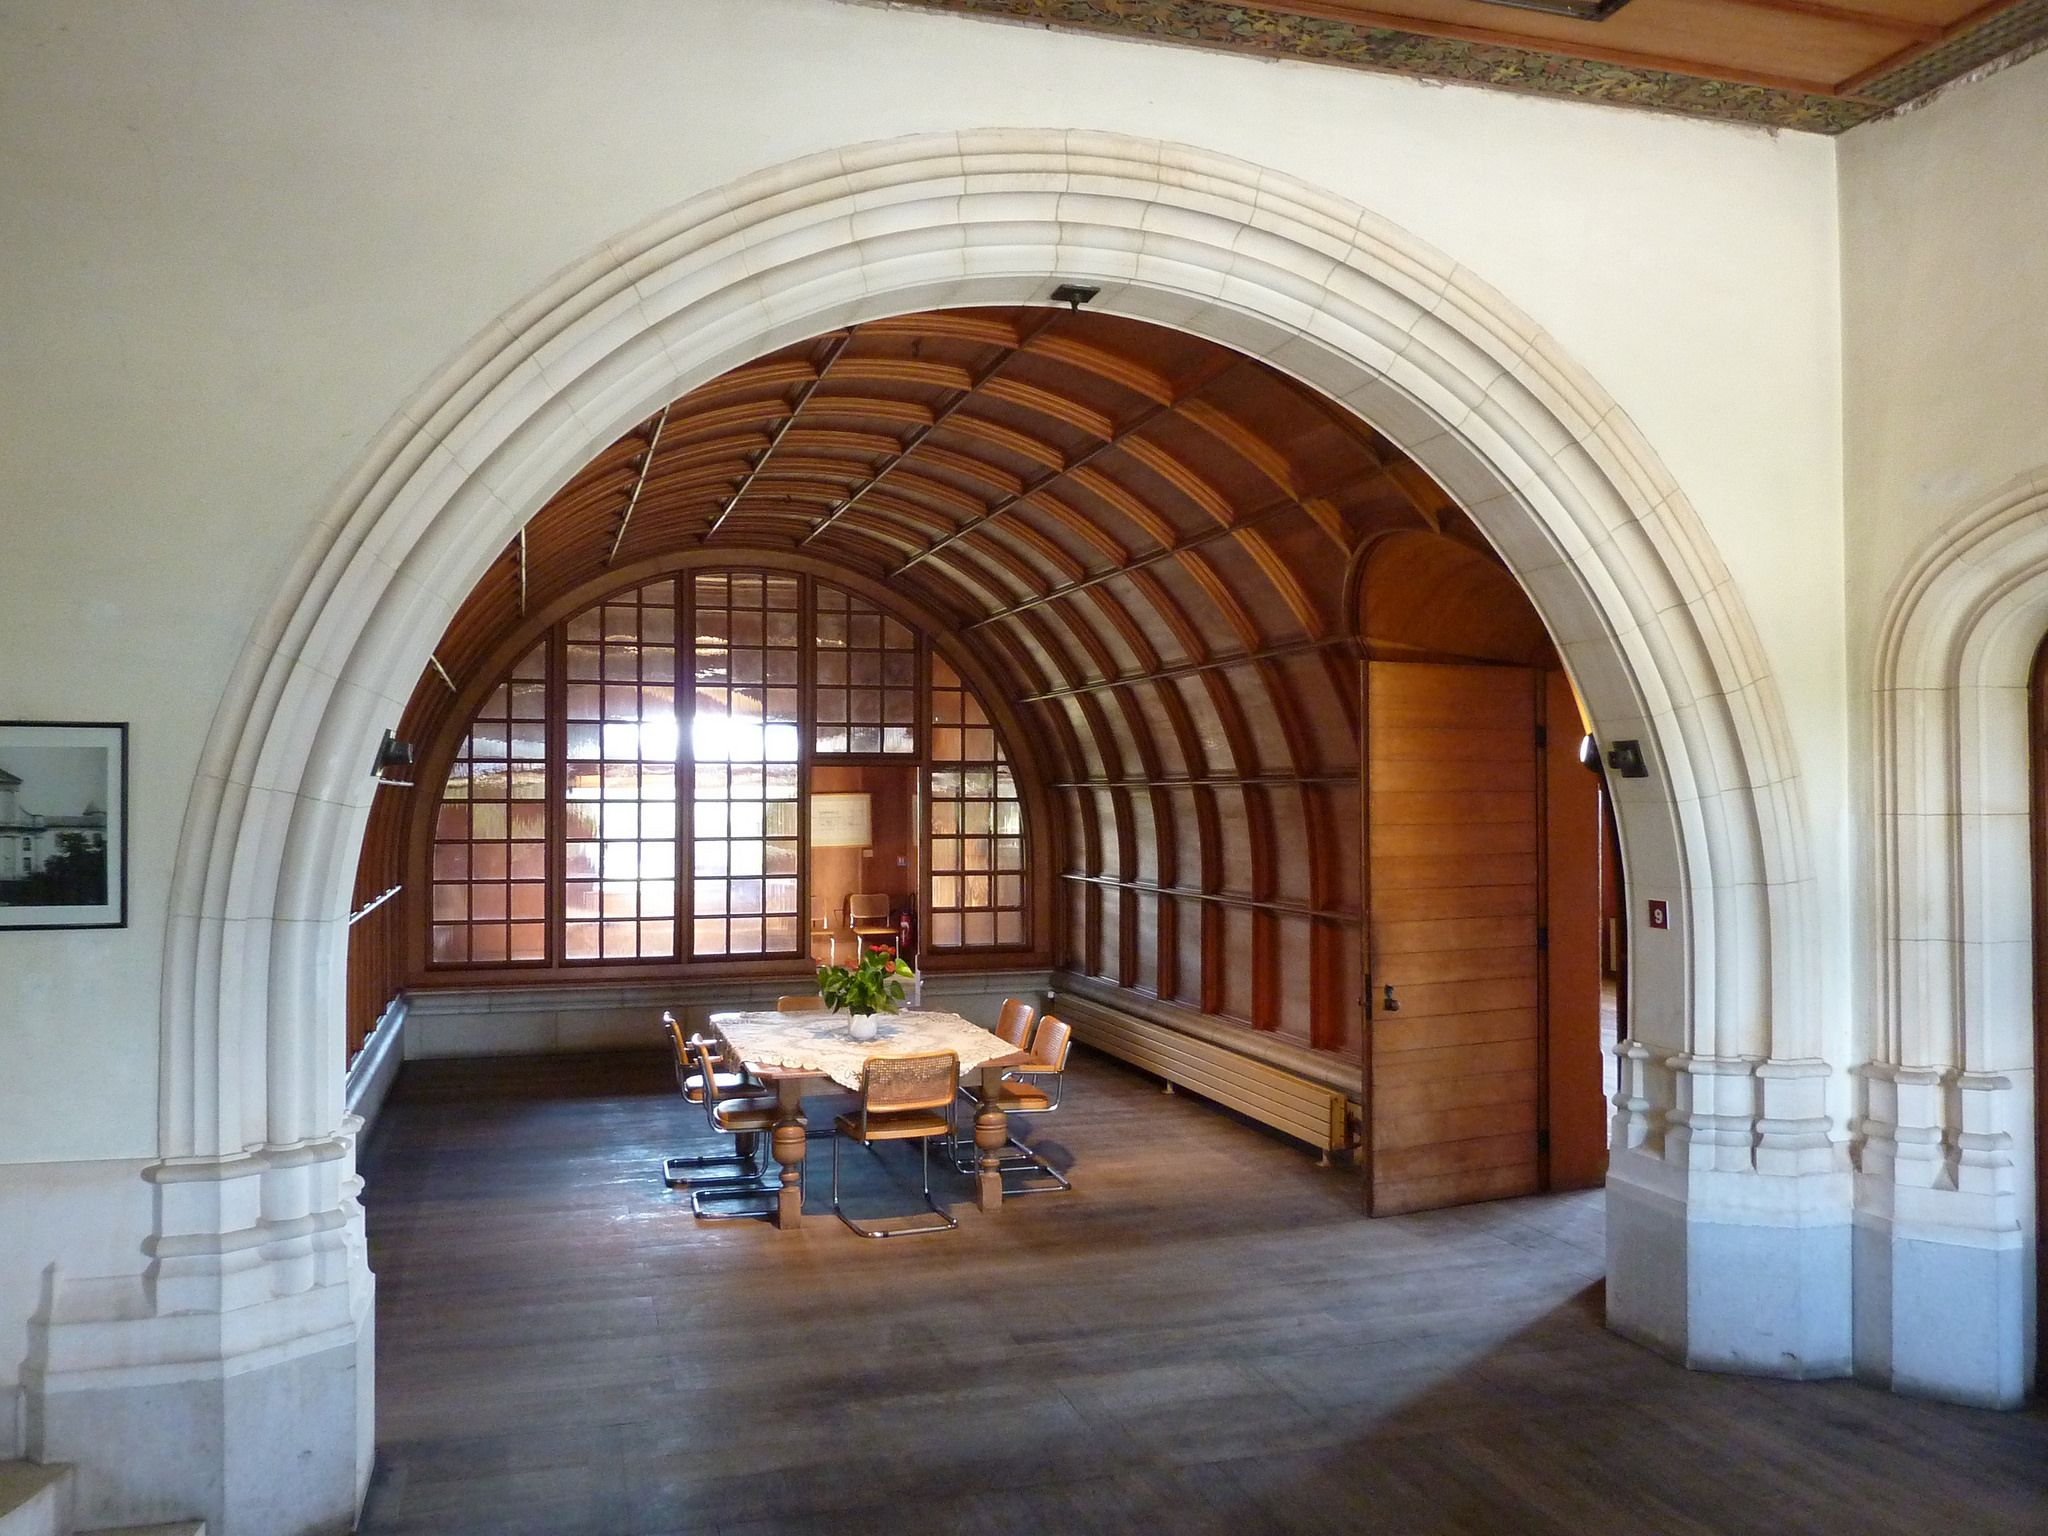 https://flic.kr/p/s9AzQS | Autre salle à manger au château Ripaille